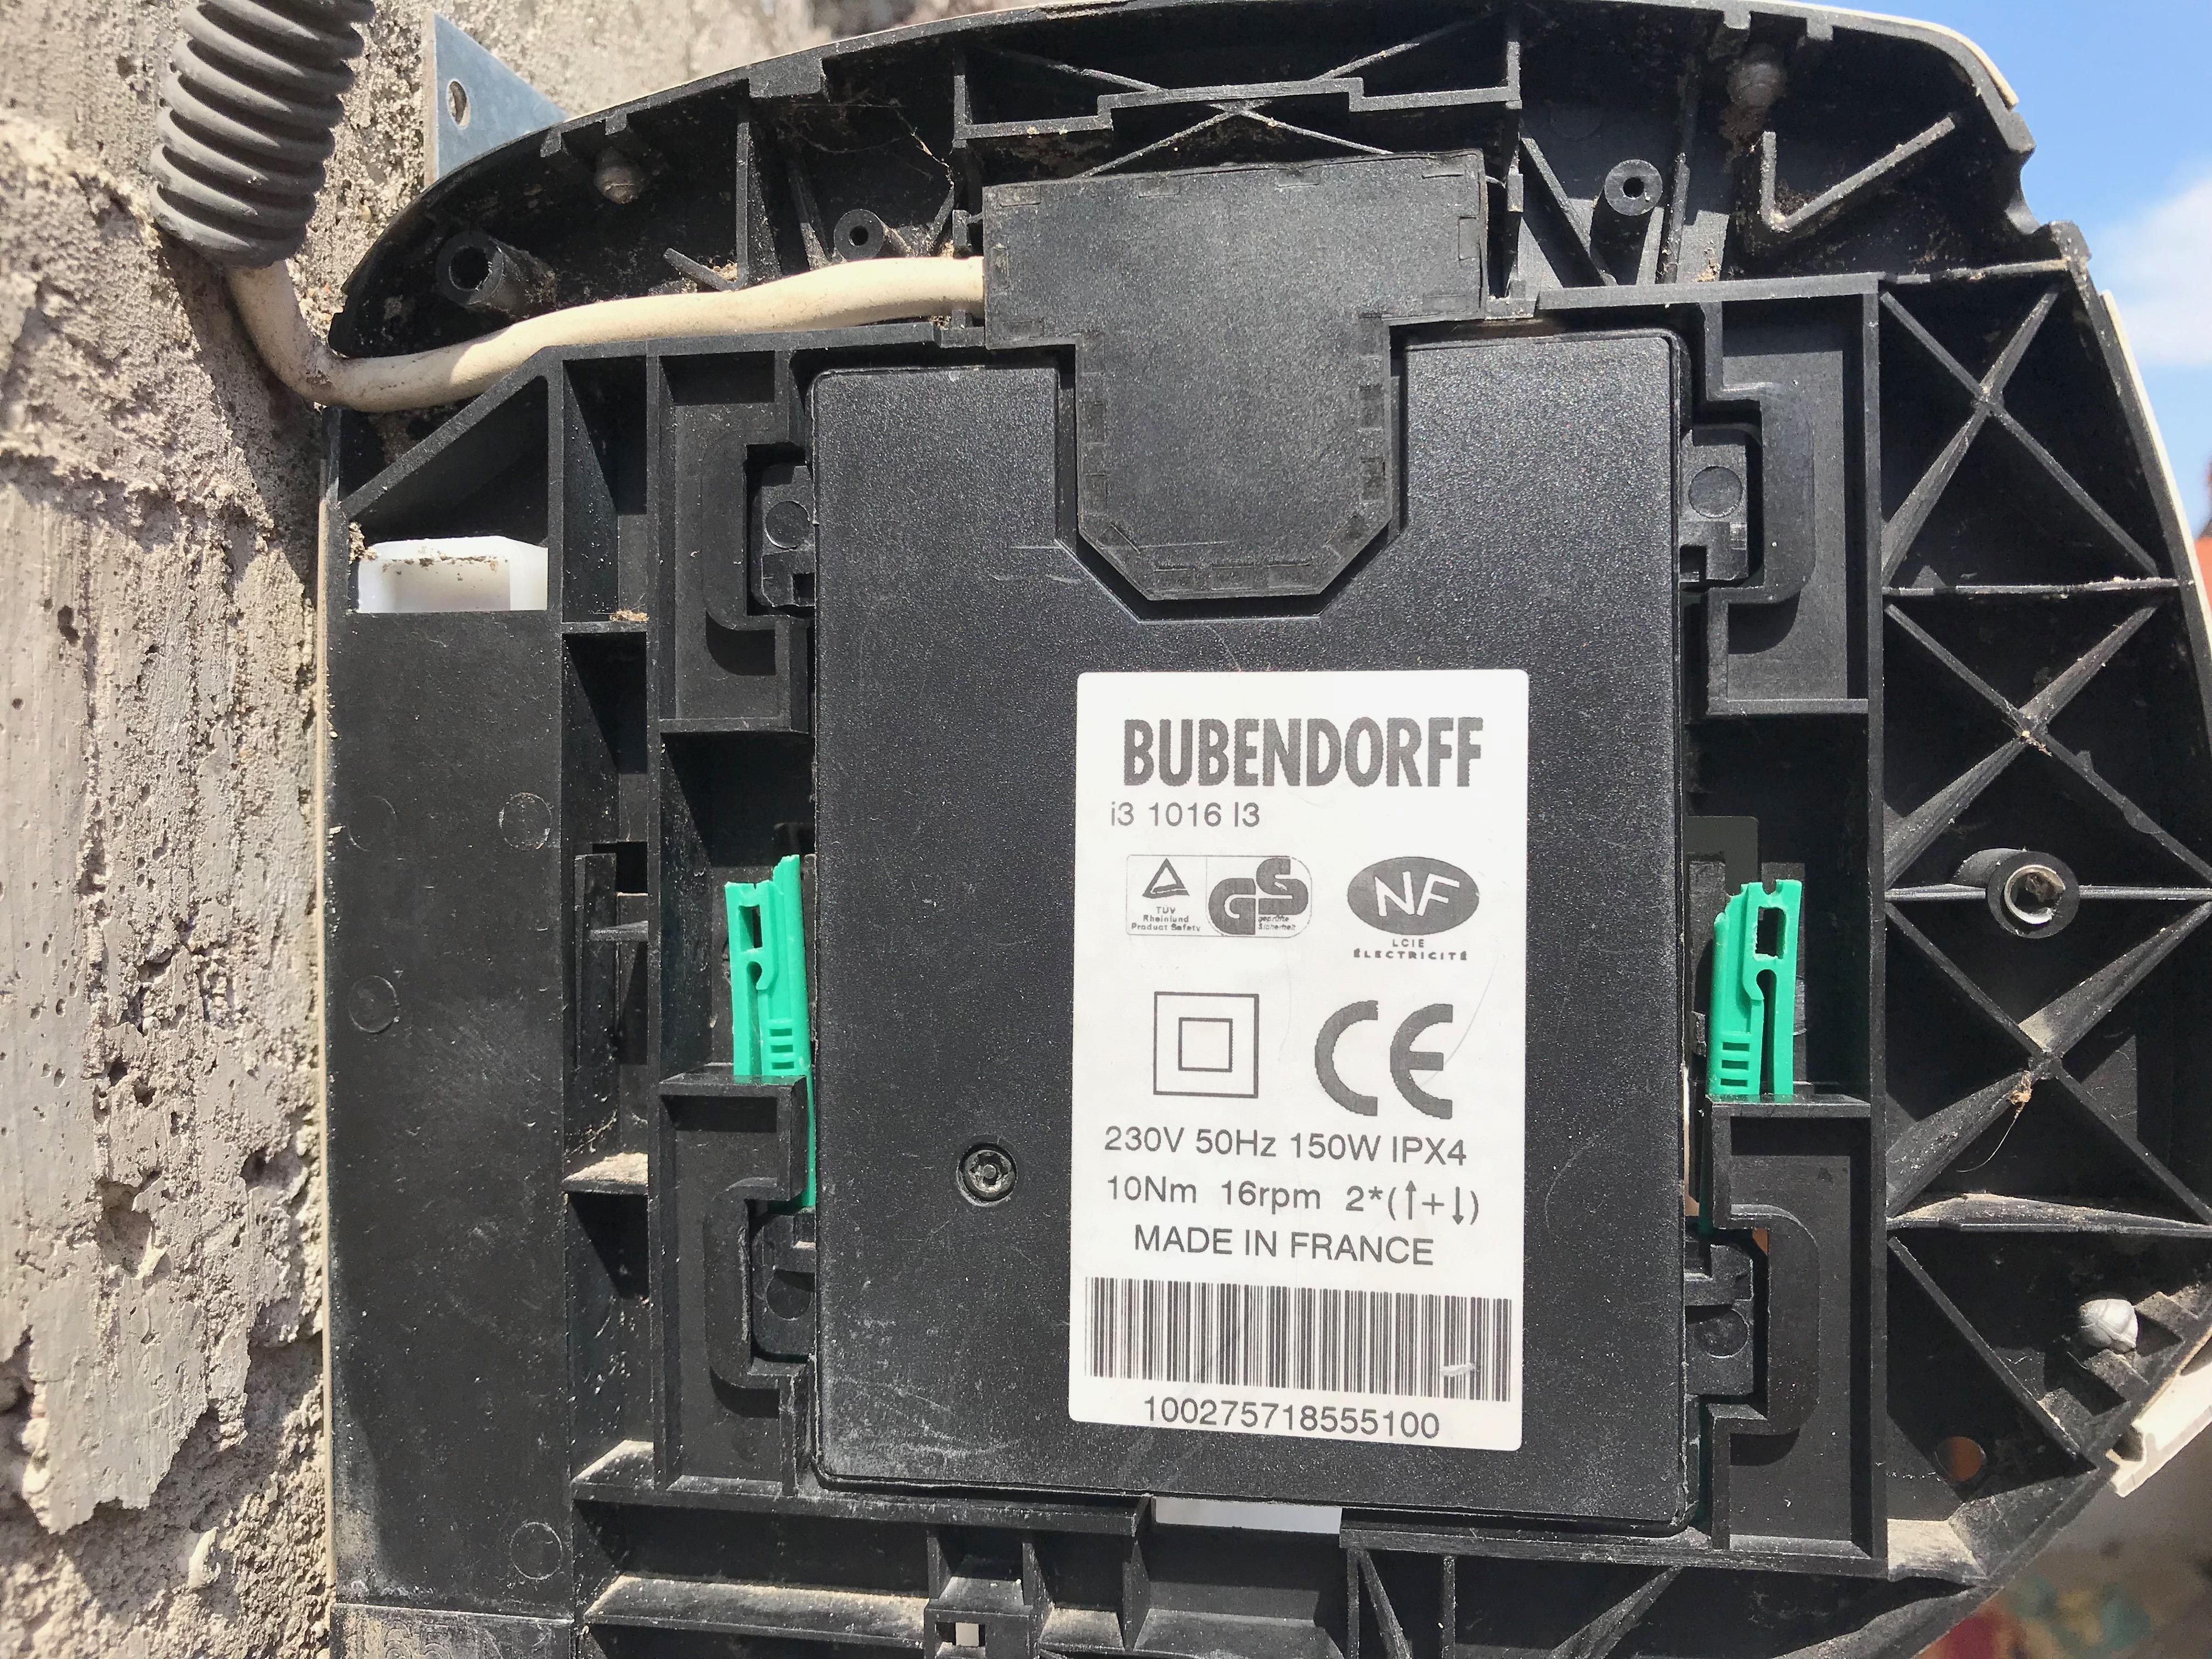 Reparation Carte Electronique D Un Volet Roulant Bubendorf Romain Planel